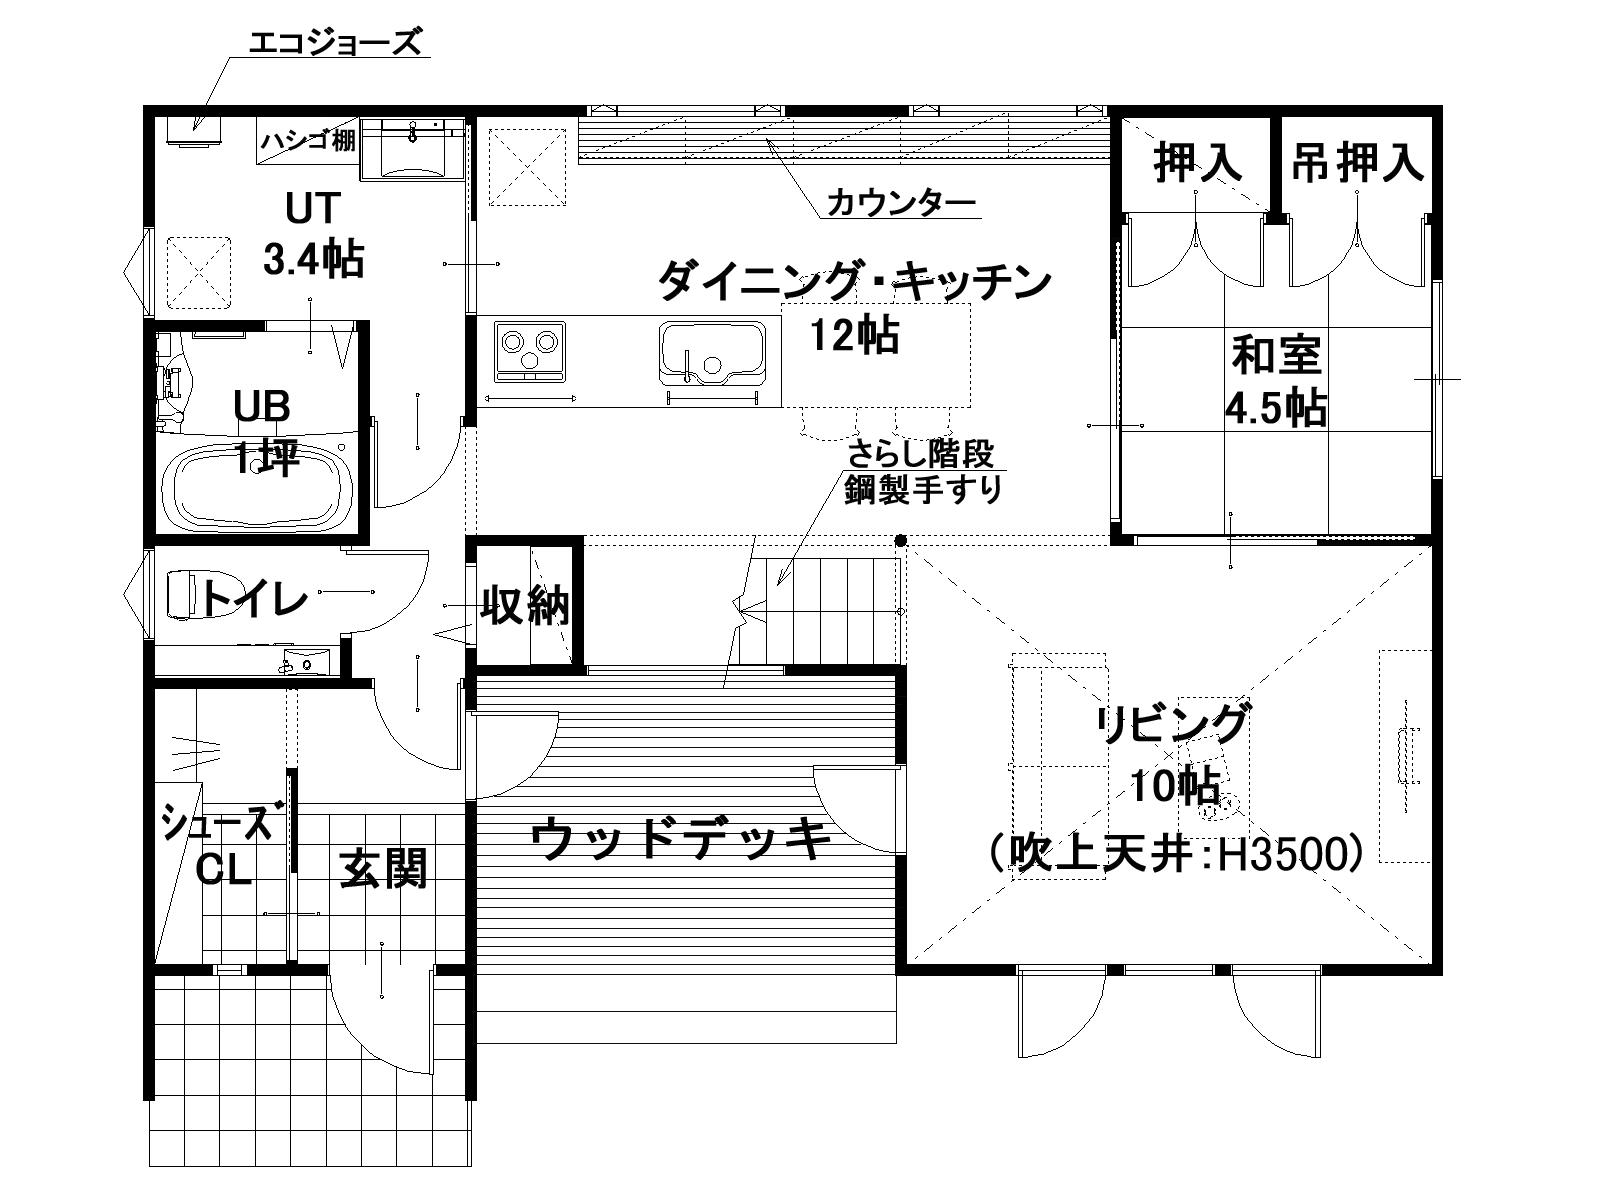 1階平面図(ウッドデッキ)